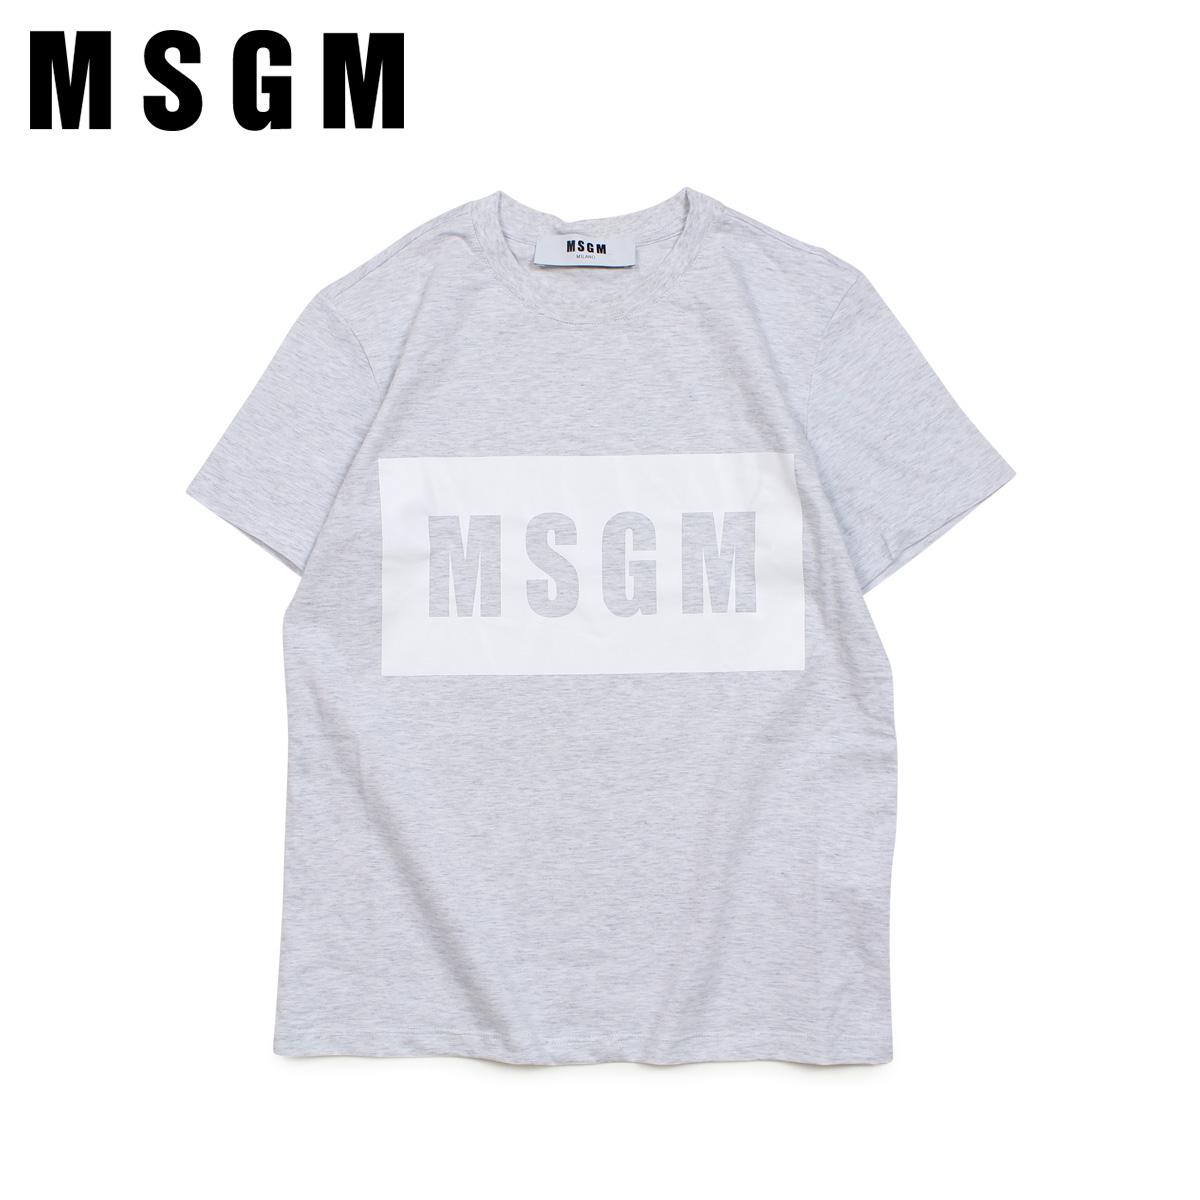 エムエスジーエム MSGM Tシャツ 半袖 レディース BOX LOGO T-SHIRTS グレー MDM95 94